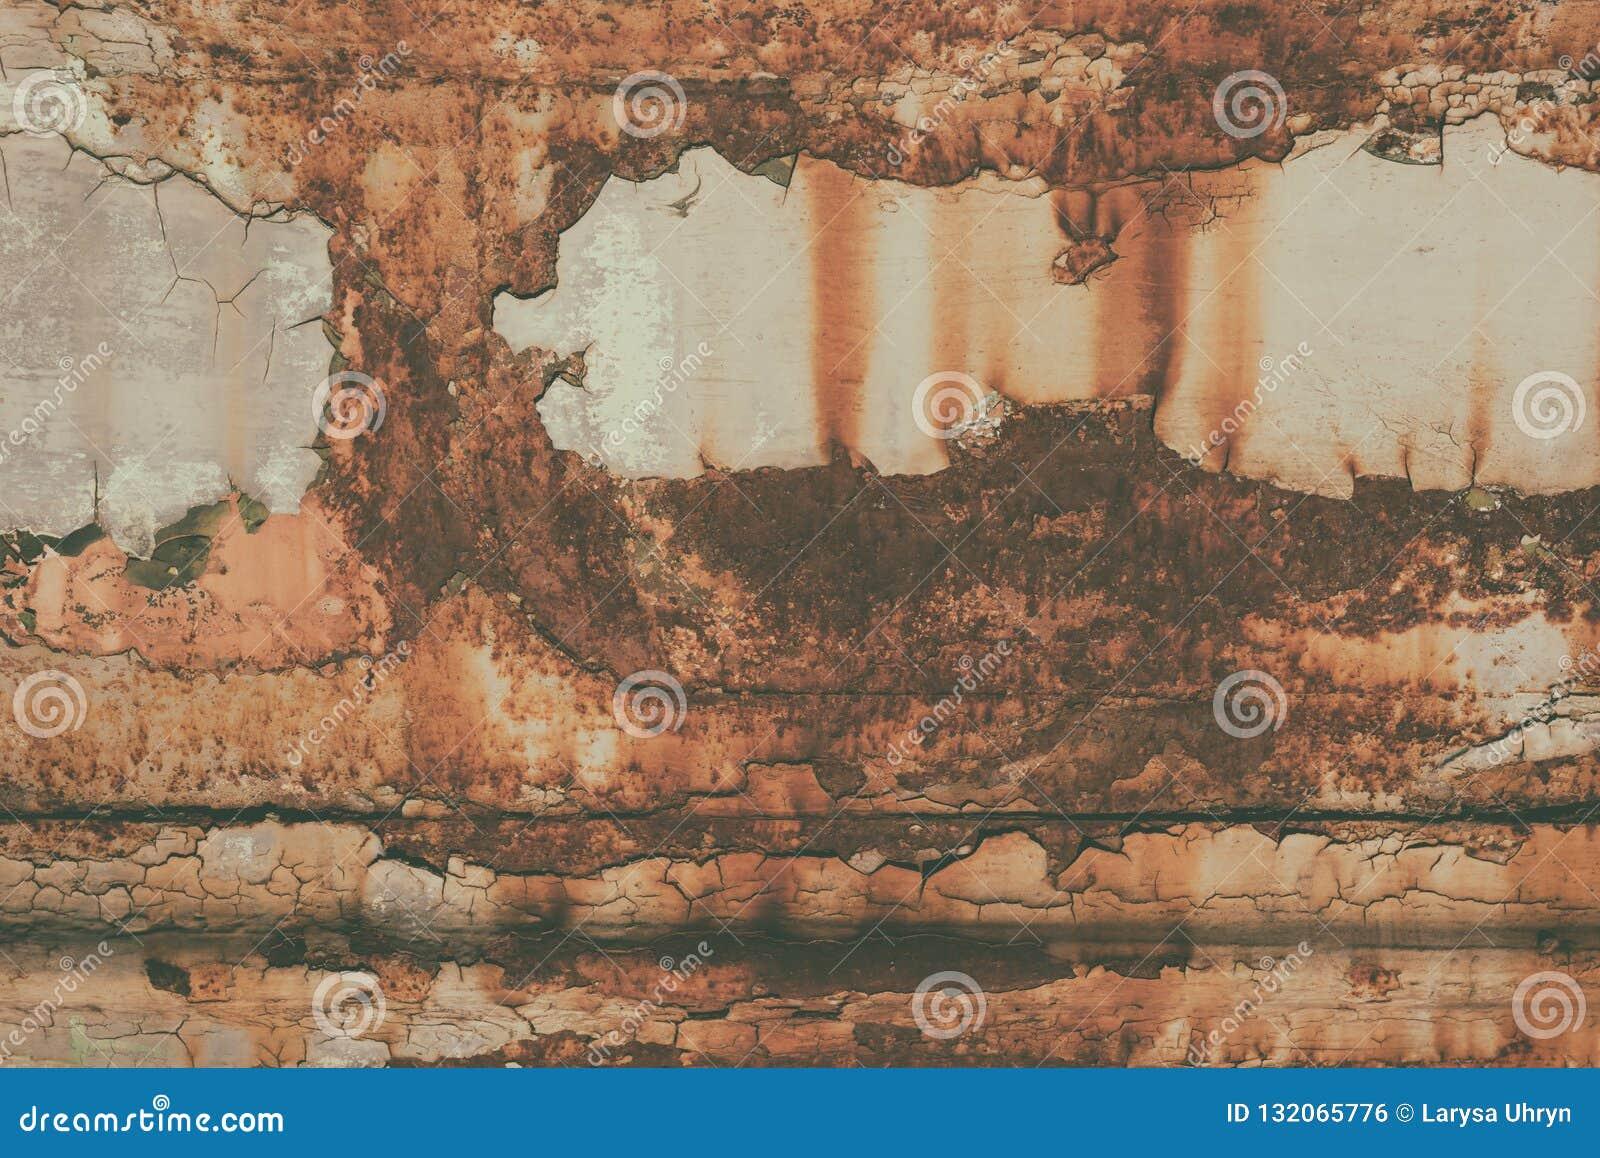 Rostige alte Beschaffenheit des Schmutzes Metall, Weinlesebild, abstrakter Hintergrund